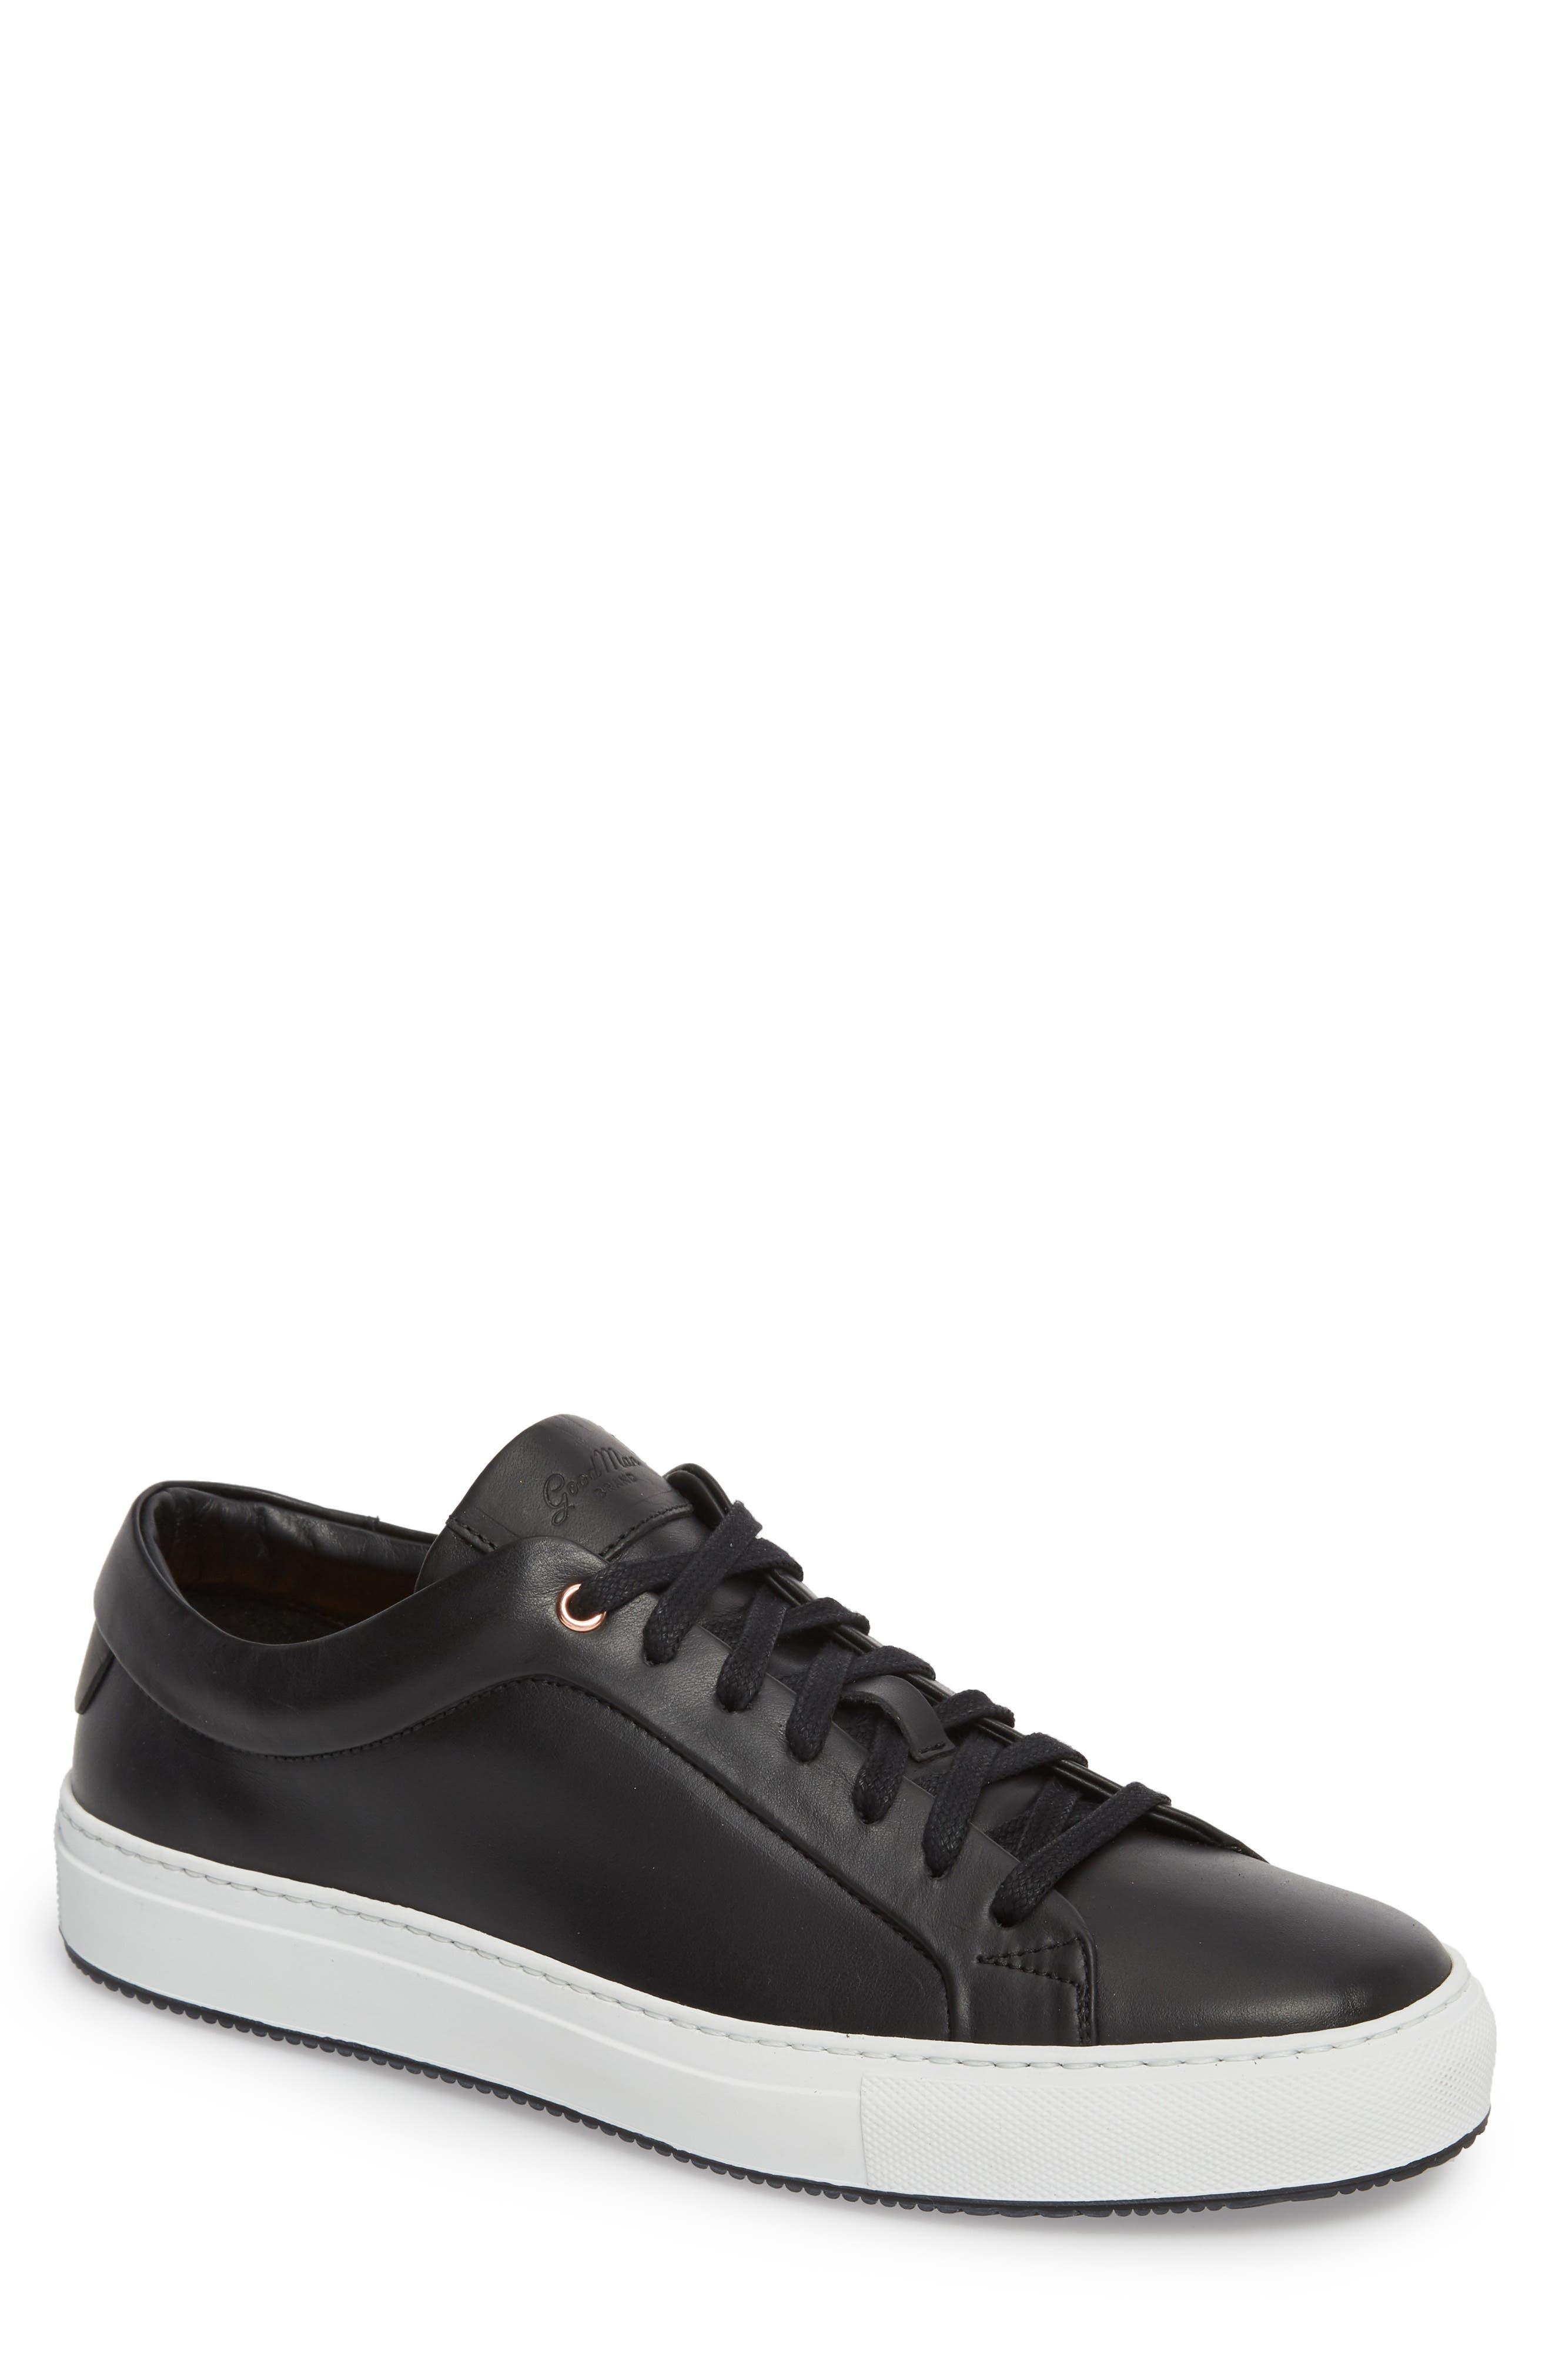 Sure Shot Premium Low Top Sneaker,                             Main thumbnail 1, color,                             004